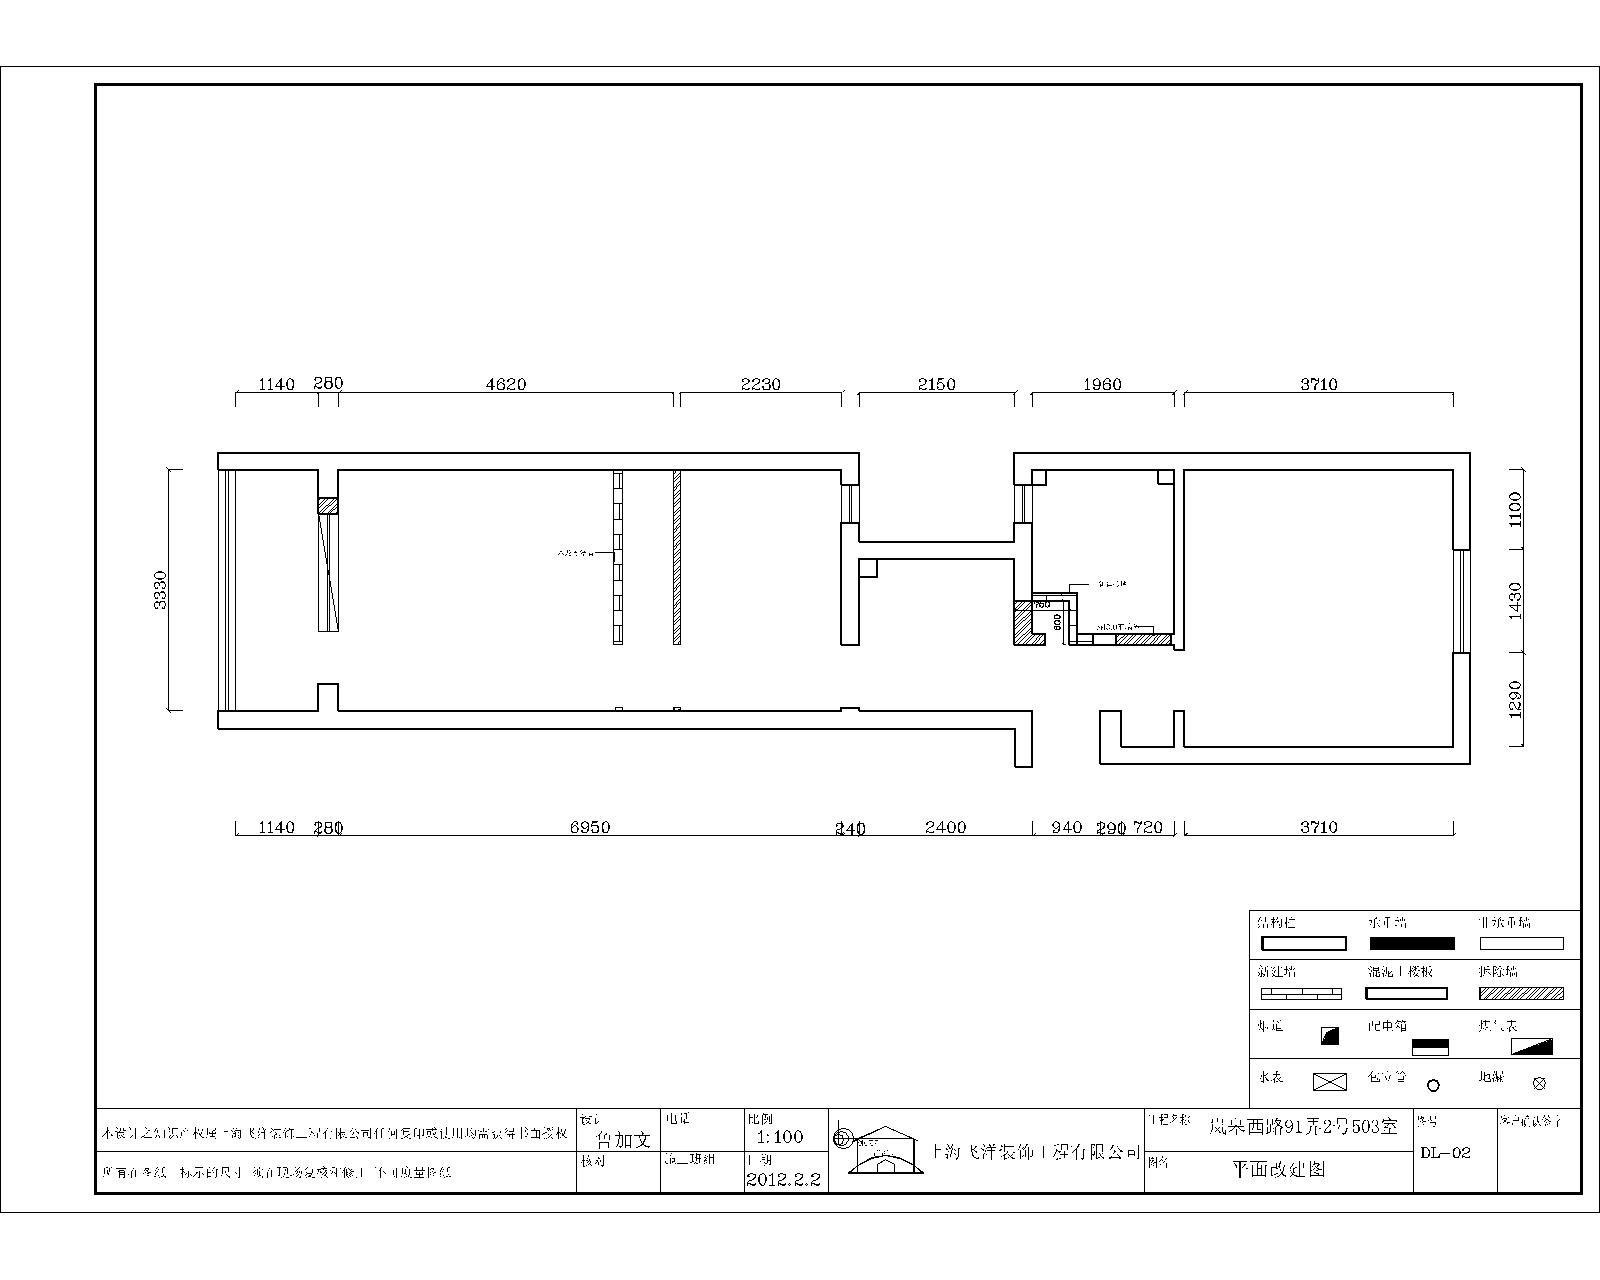 2居室老房型小装修公司的设计图和预算报价单公布高清图片